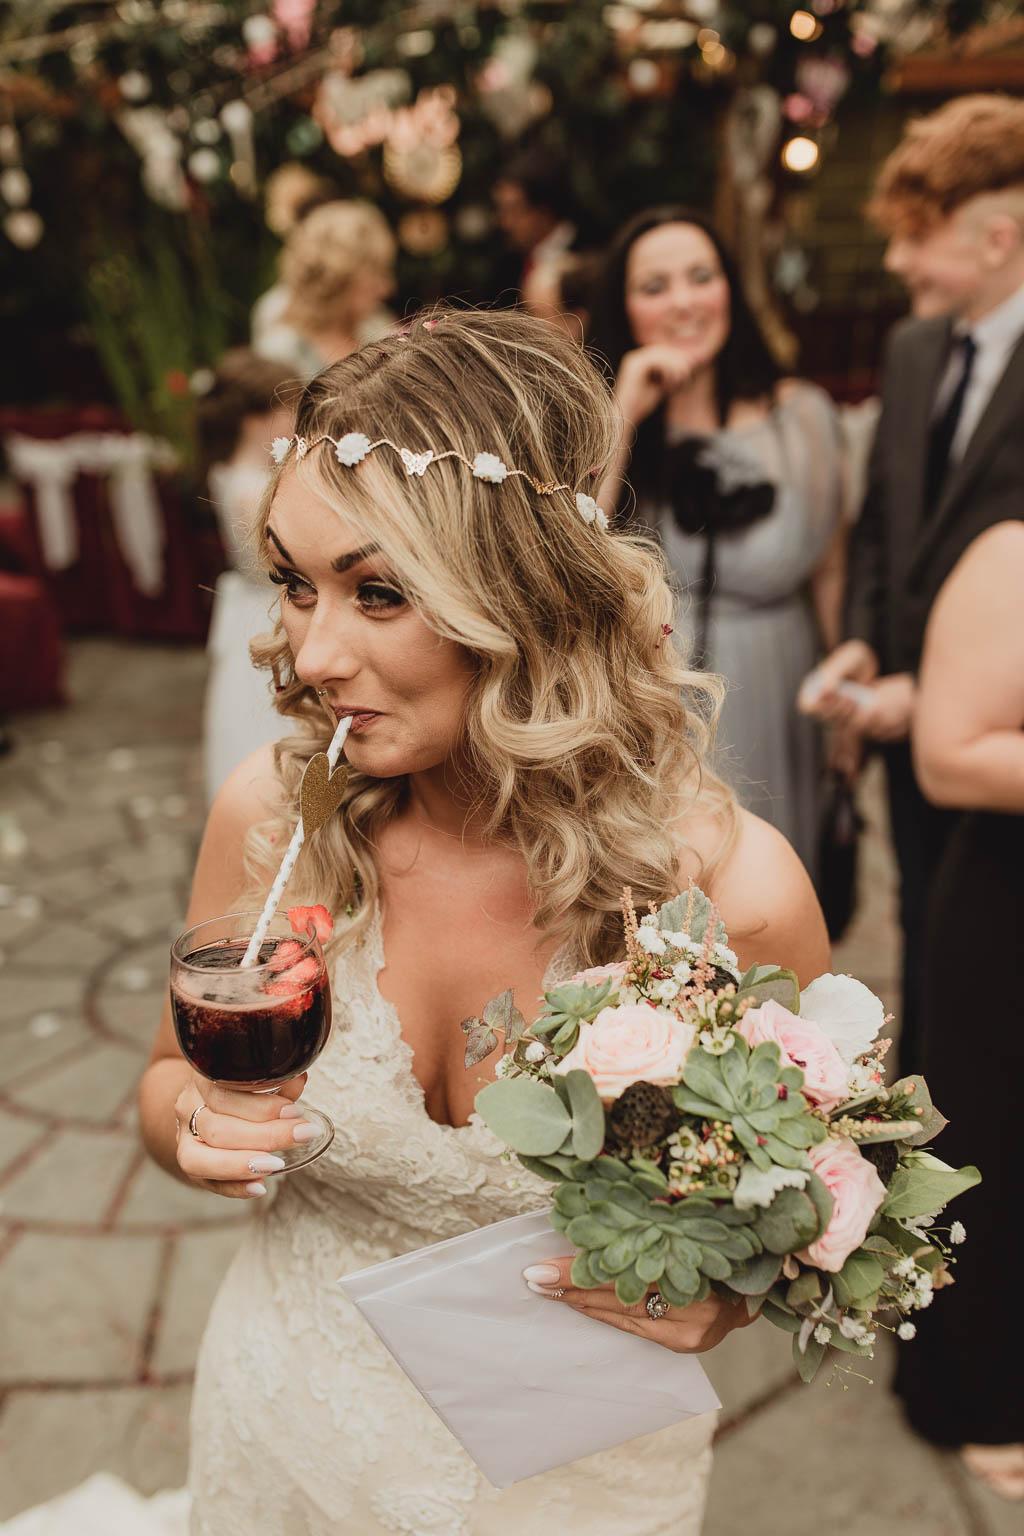 shabby chic wedding ideas-26.jpg